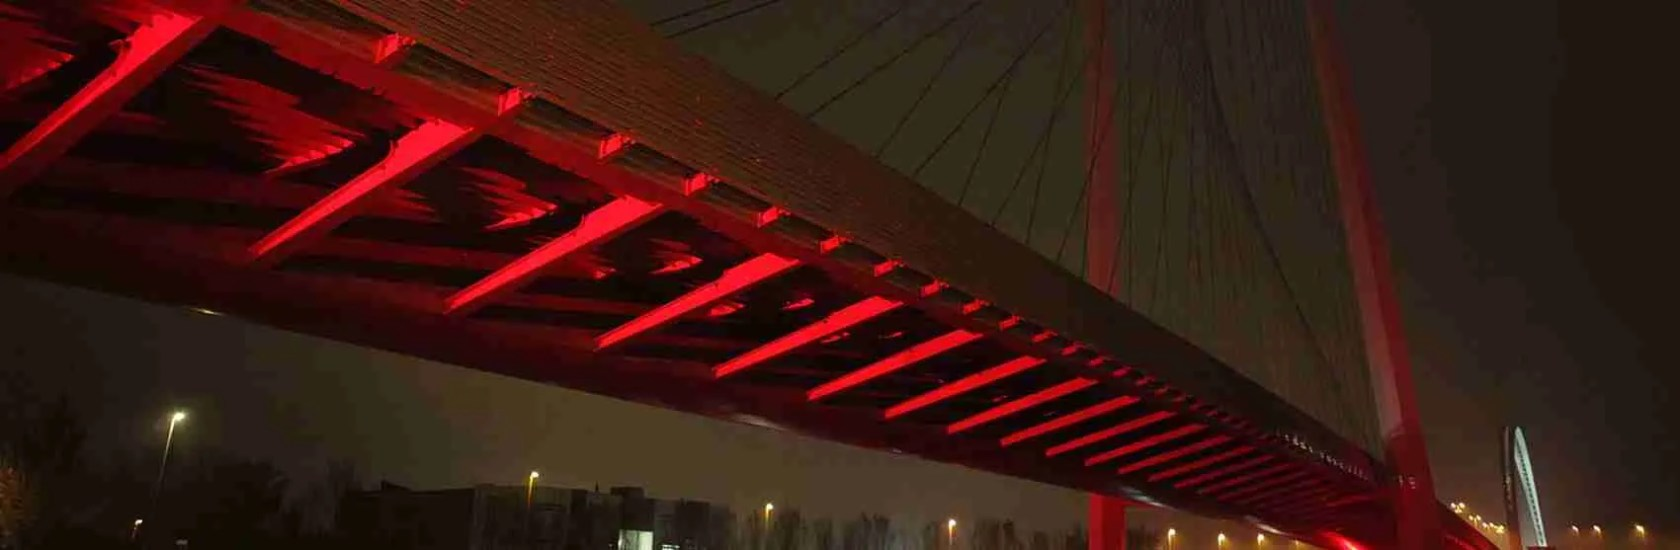 I 3 Ponti di Calatrava di Reggio Emilia sapranno stupire per la loro bellezza anche la escort reggio Emilia.